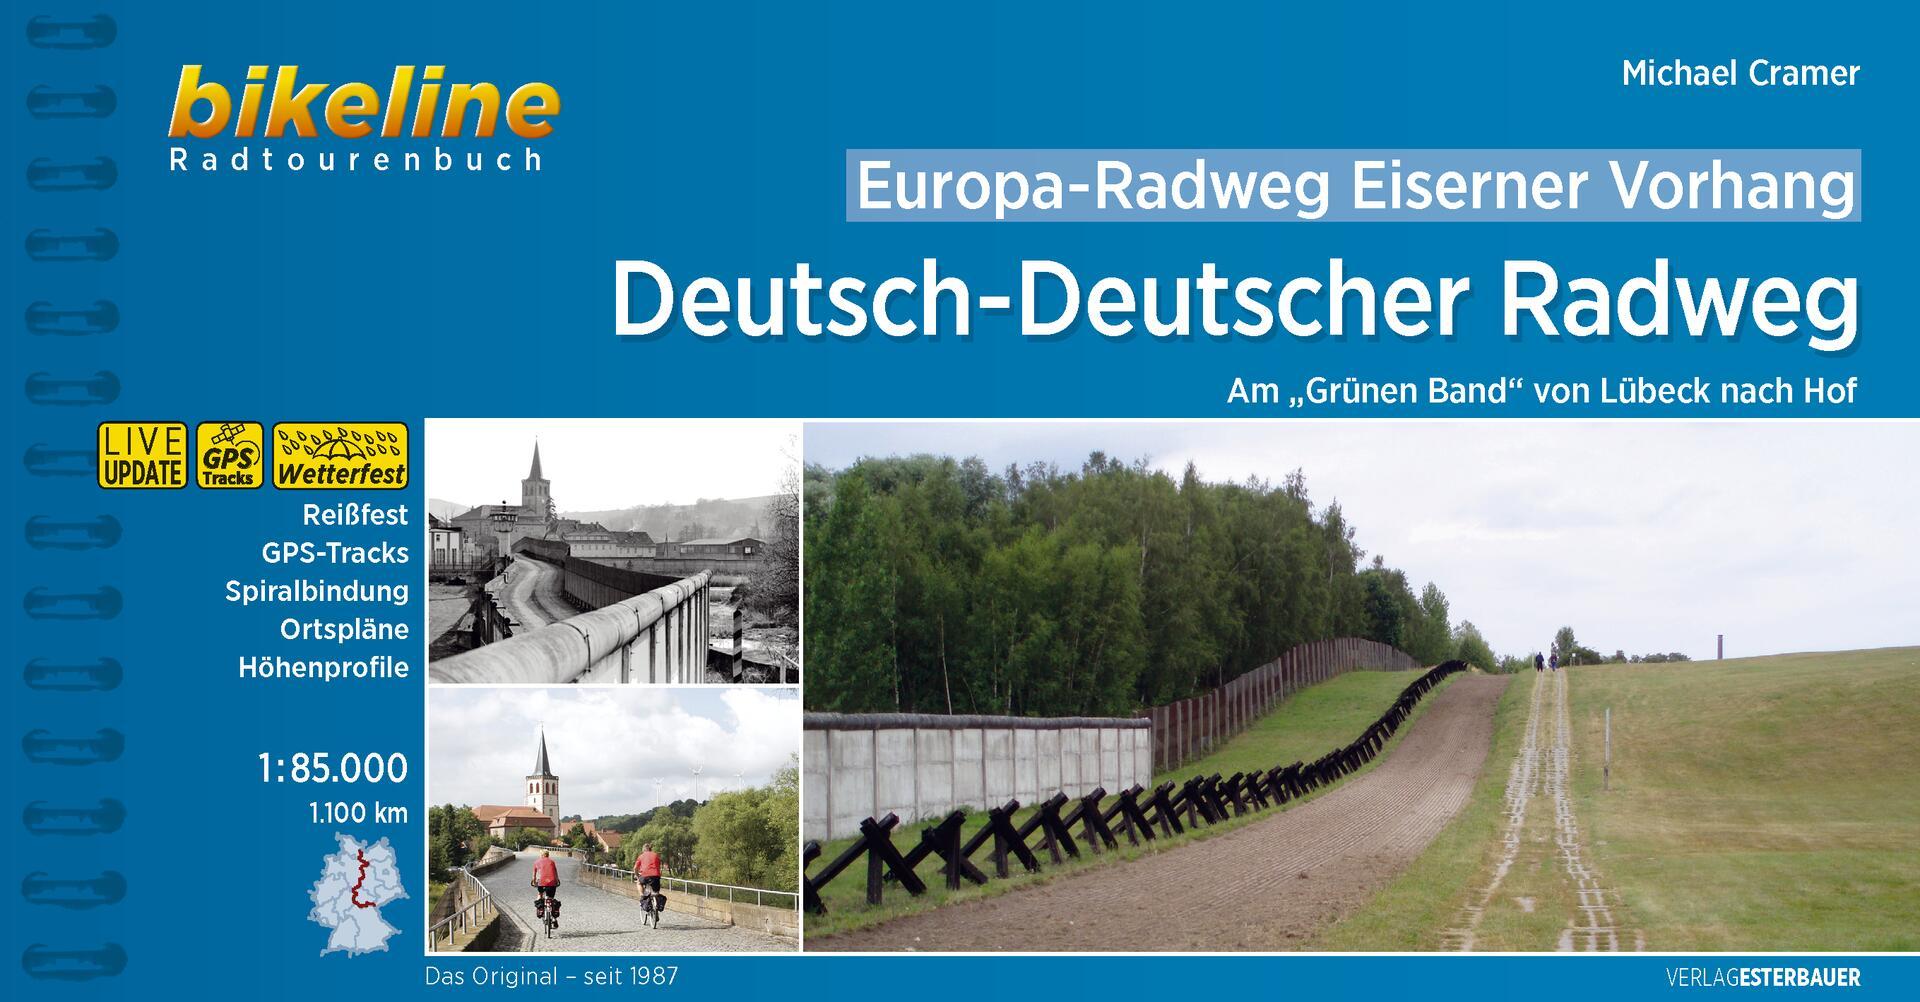 Foto vom Europa-Radweg Eiserner Vorhang 3 Deutsch-Deutscher Radweg